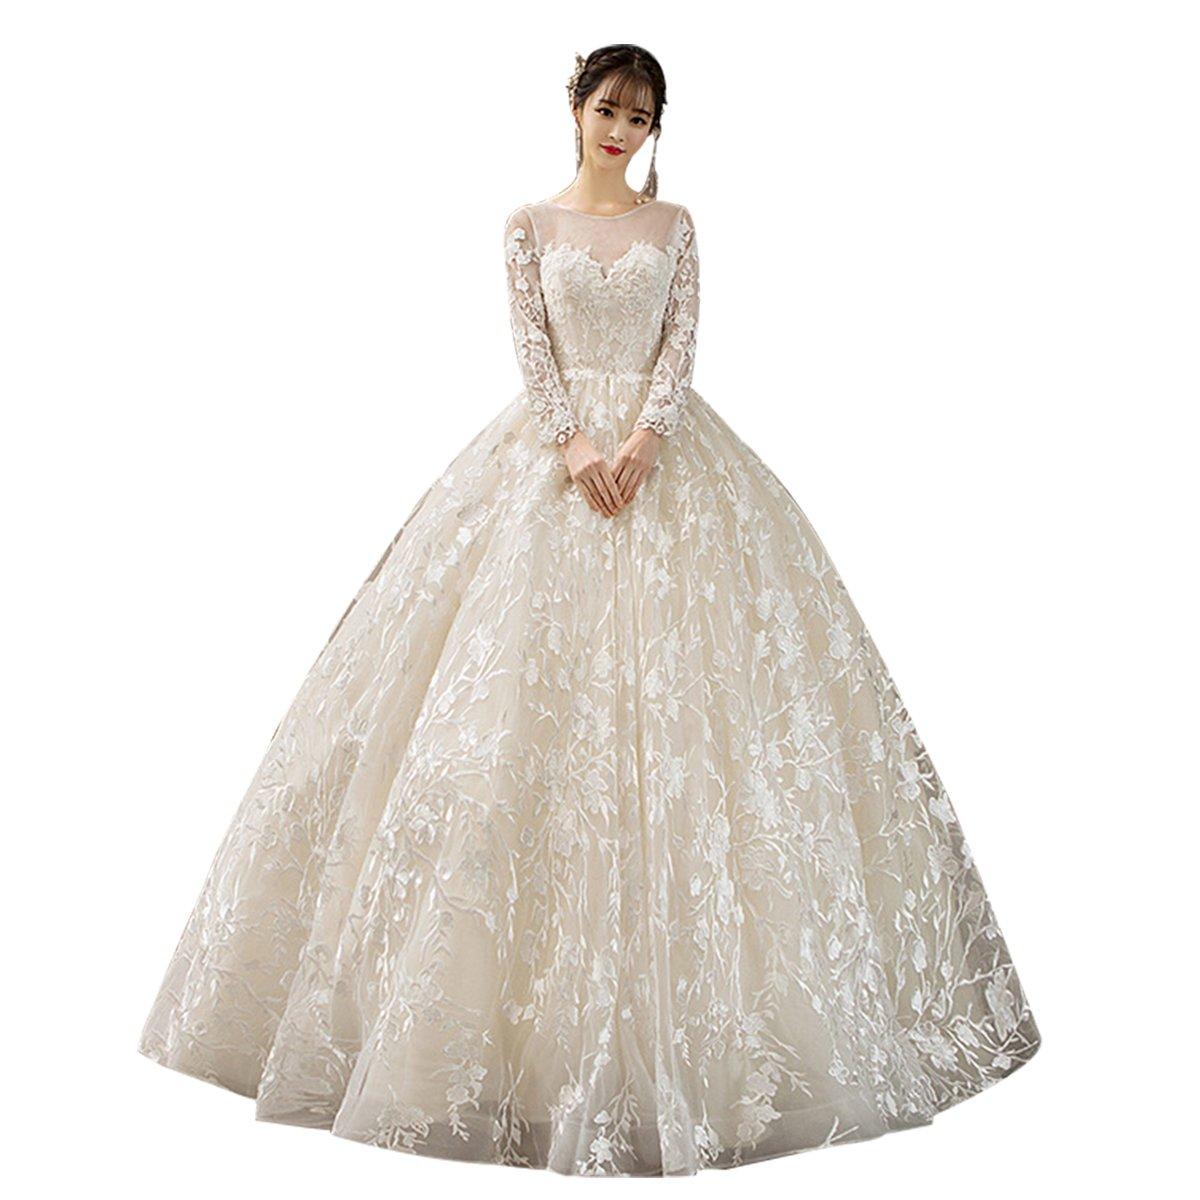 Erosebridal Women S Sheer Sweetheart Neckline Bridal Ball Gowns